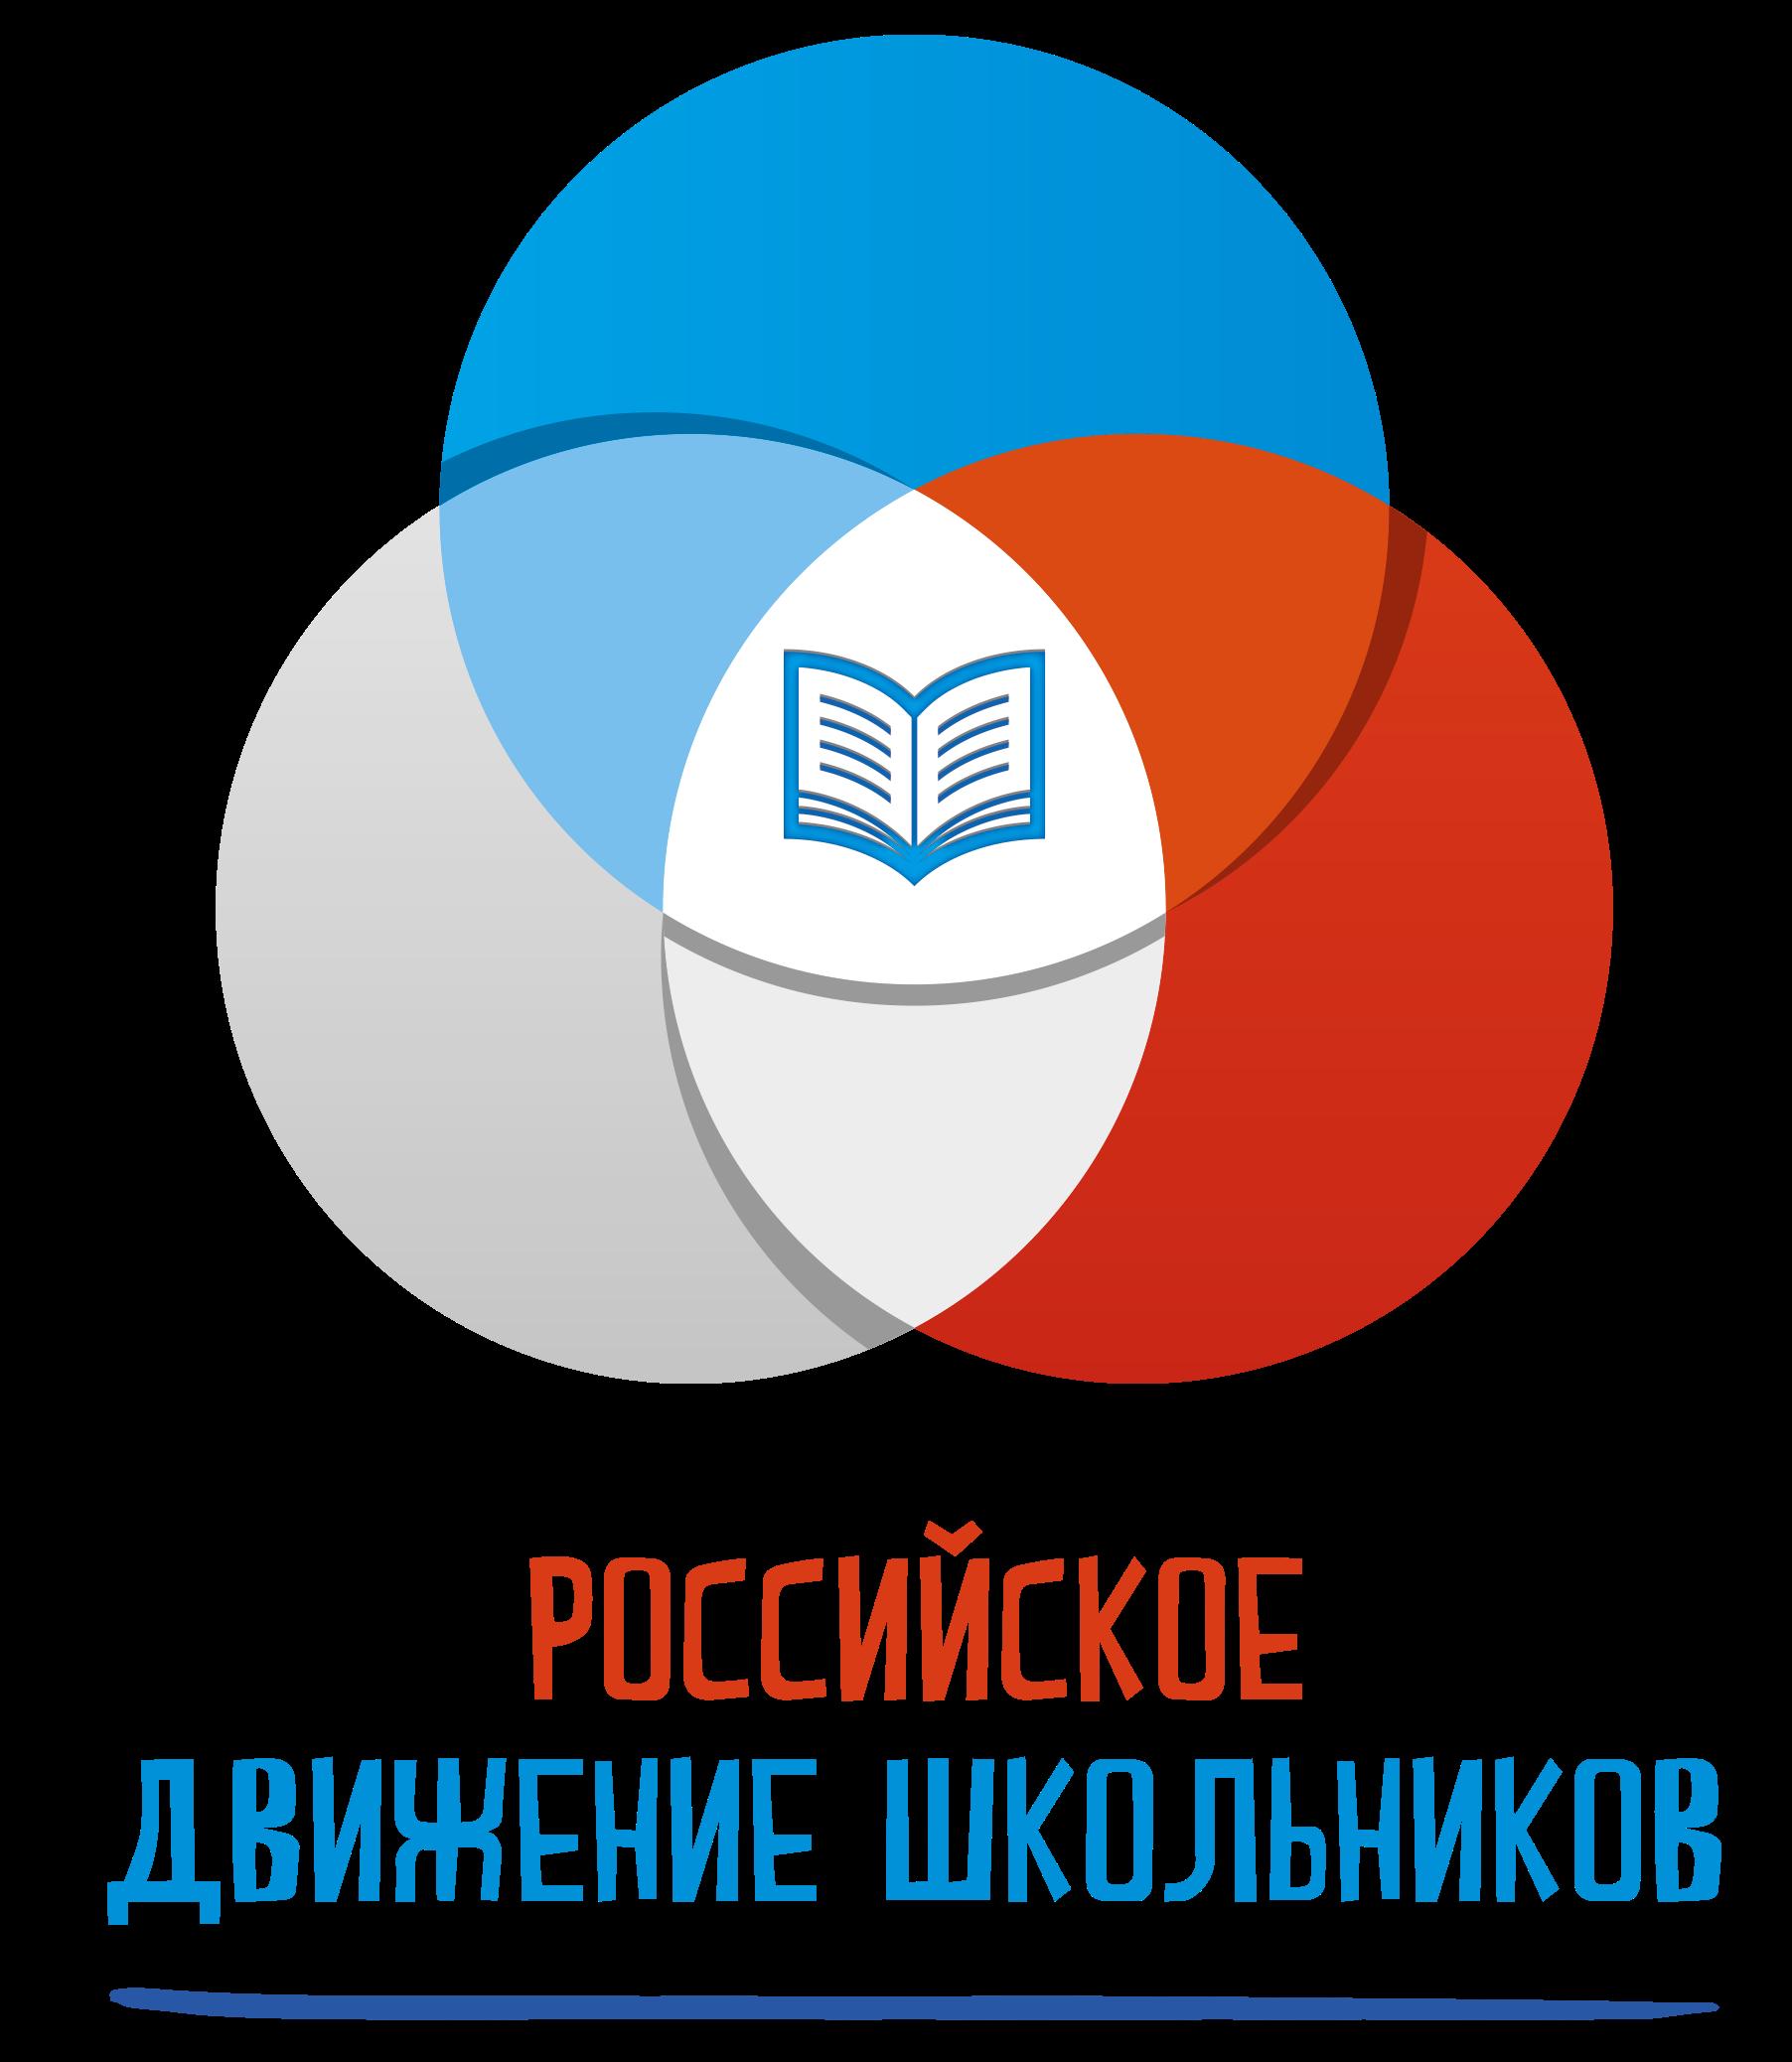 Российское движение школьников — википедия. что такое российское движение школьников